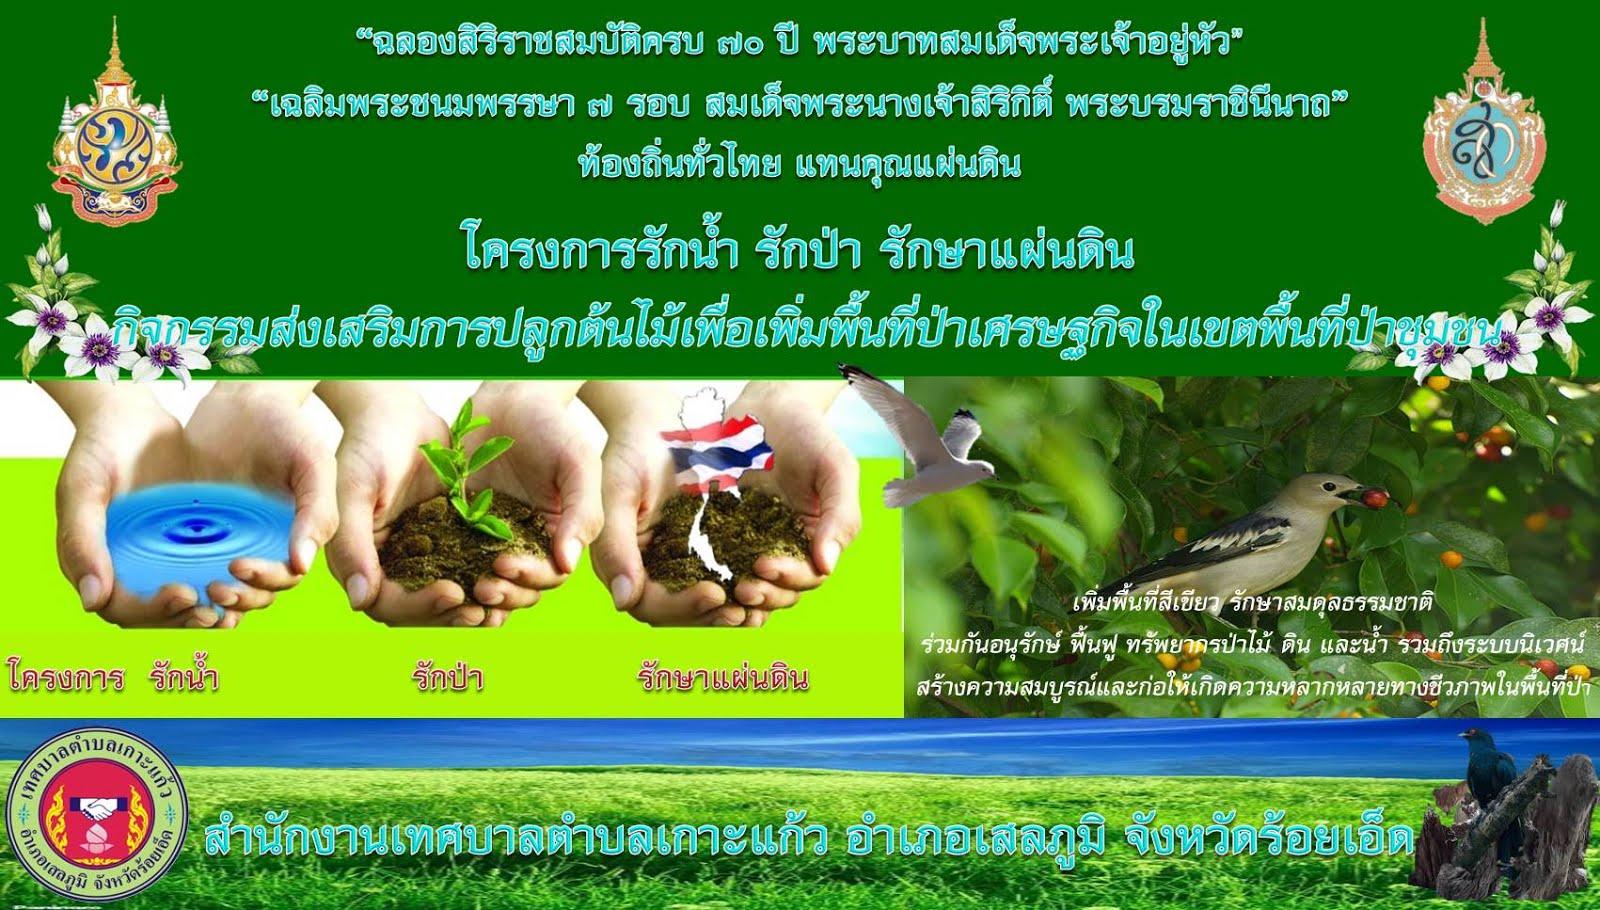 โครงการรักน้ำ รักป่า รักษาแผ่นดิน ครั้งที่ 2